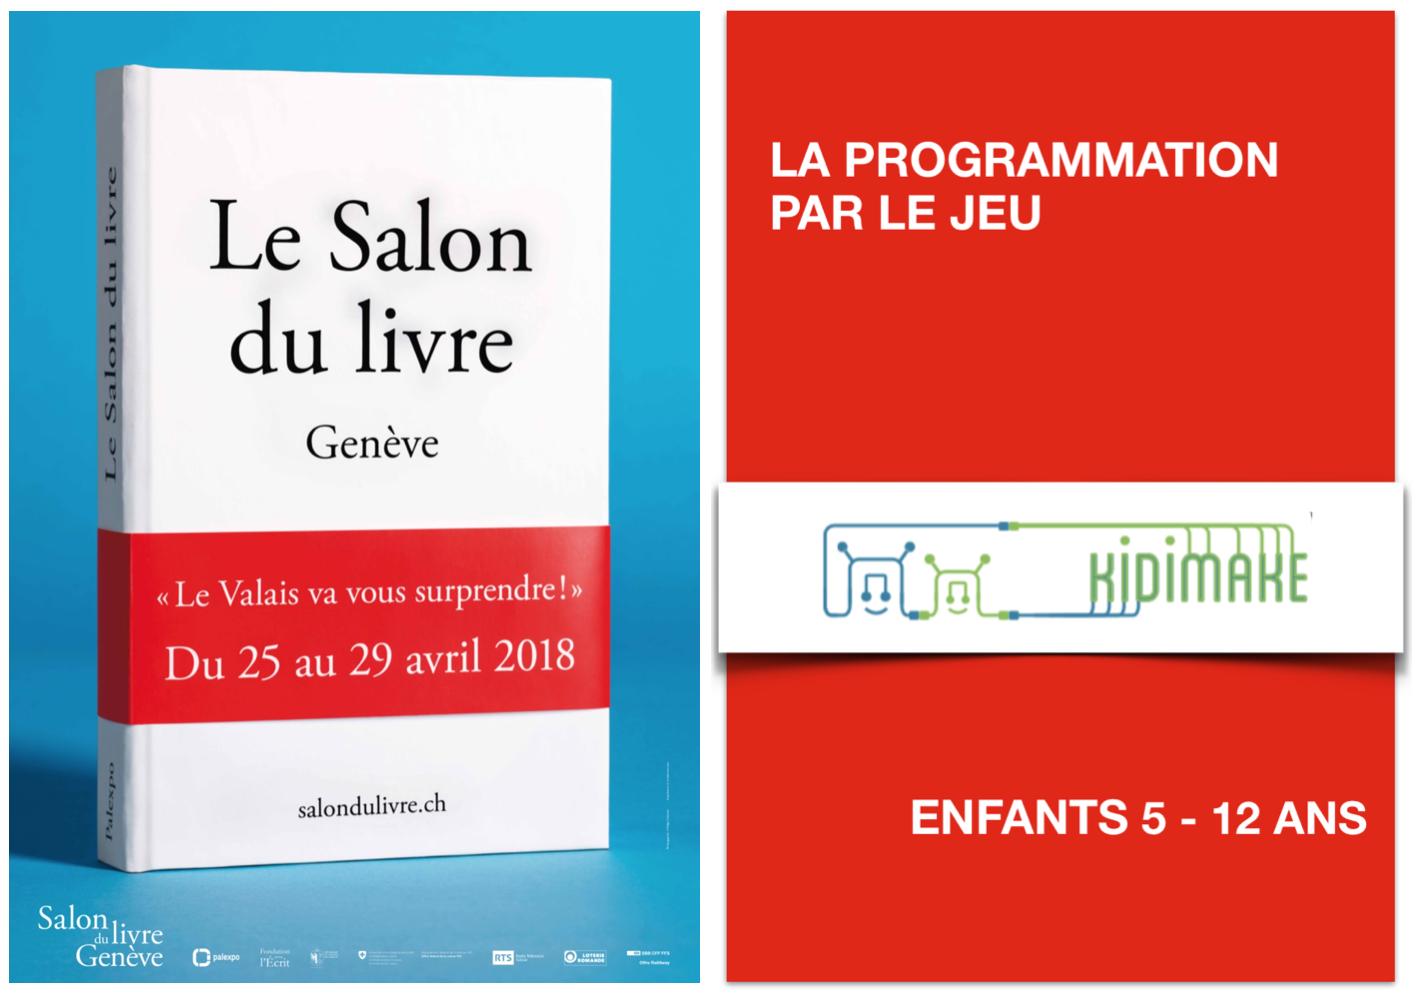 Salon du livre 2018